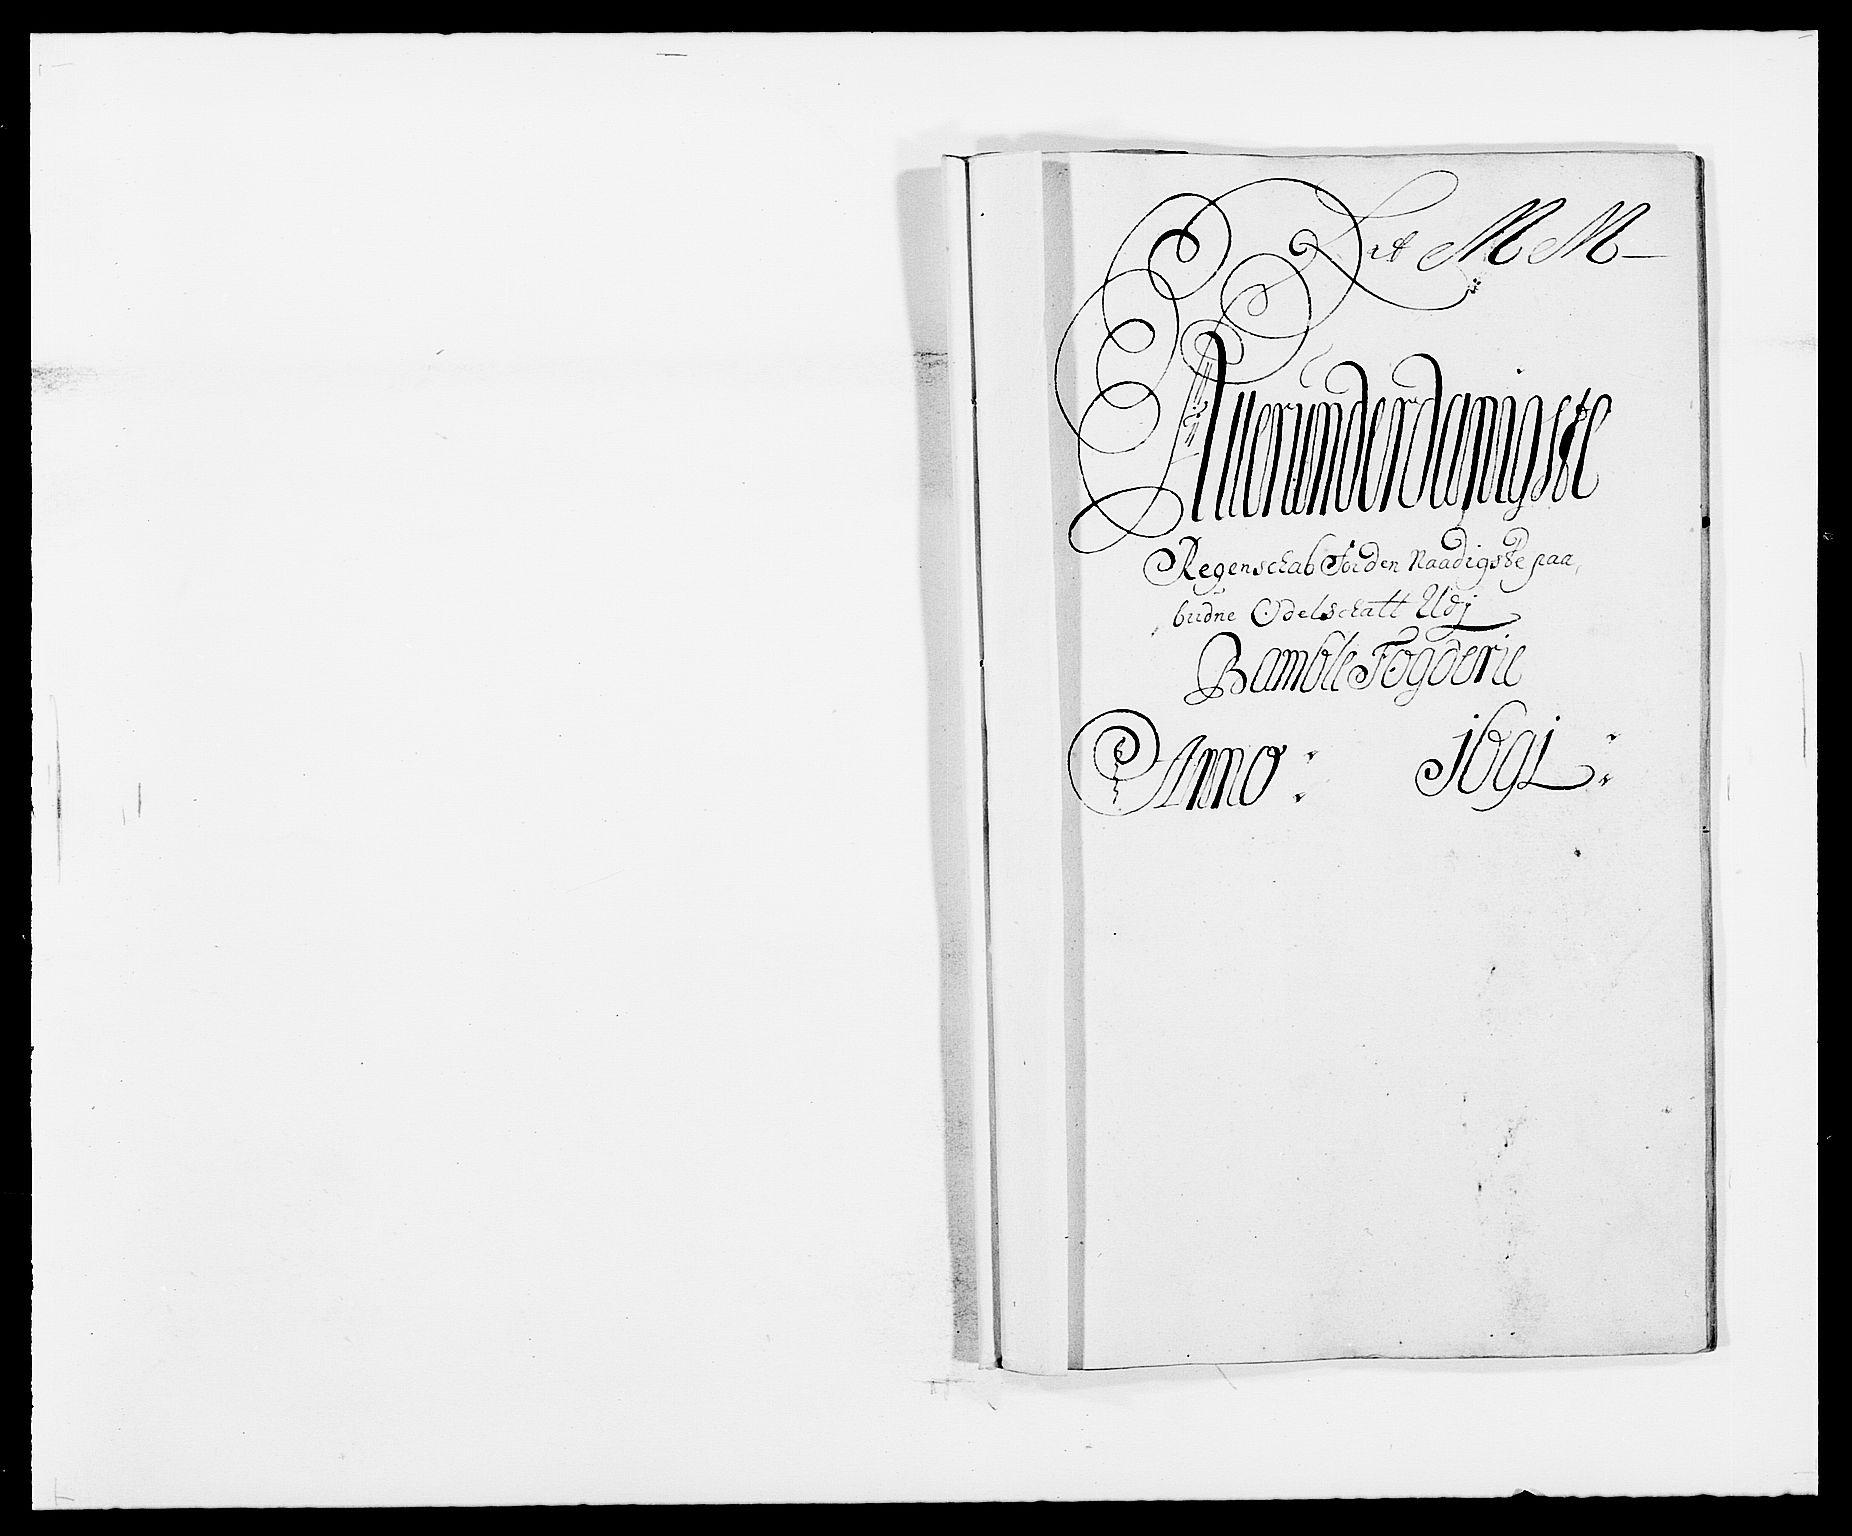 RA, Rentekammeret inntil 1814, Reviderte regnskaper, Fogderegnskap, R34/L2051: Fogderegnskap Bamble, 1688-1691, s. 210